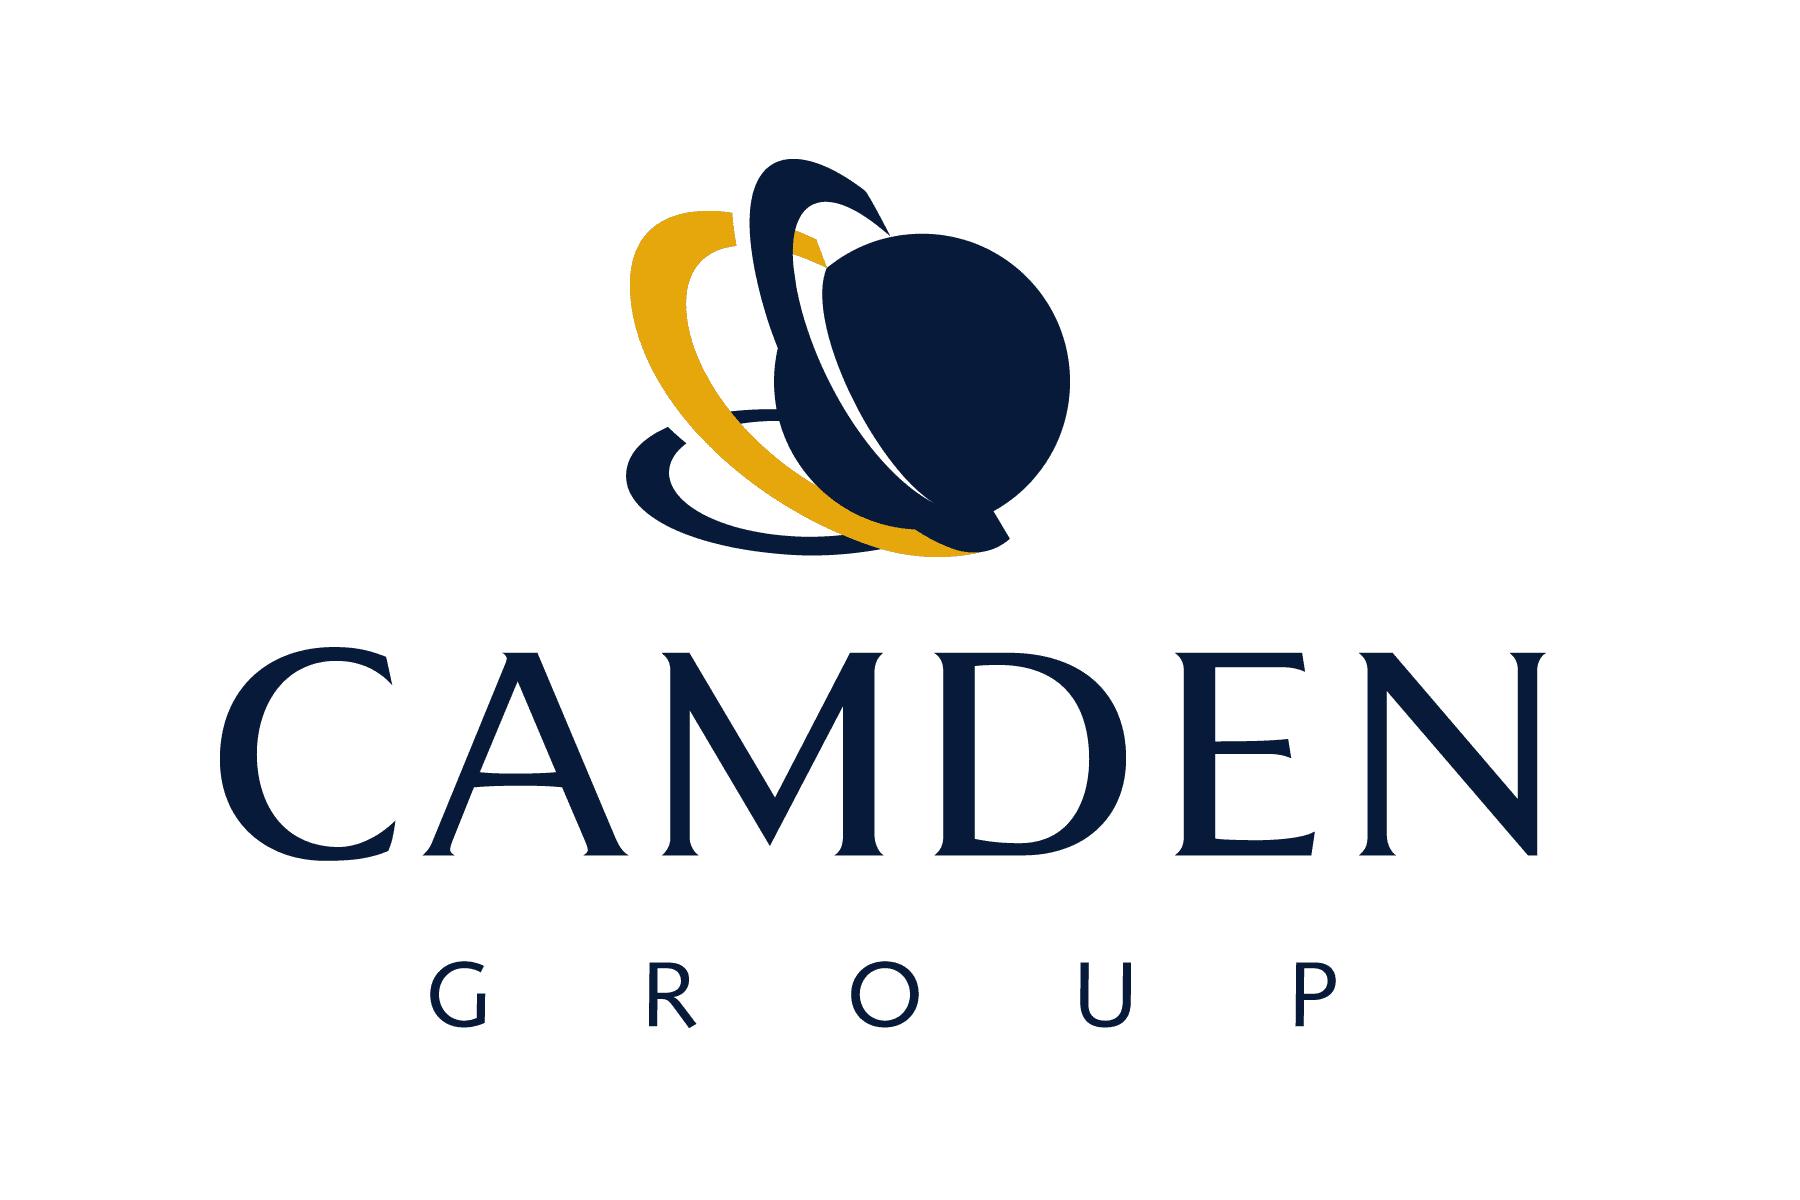 Camden Group